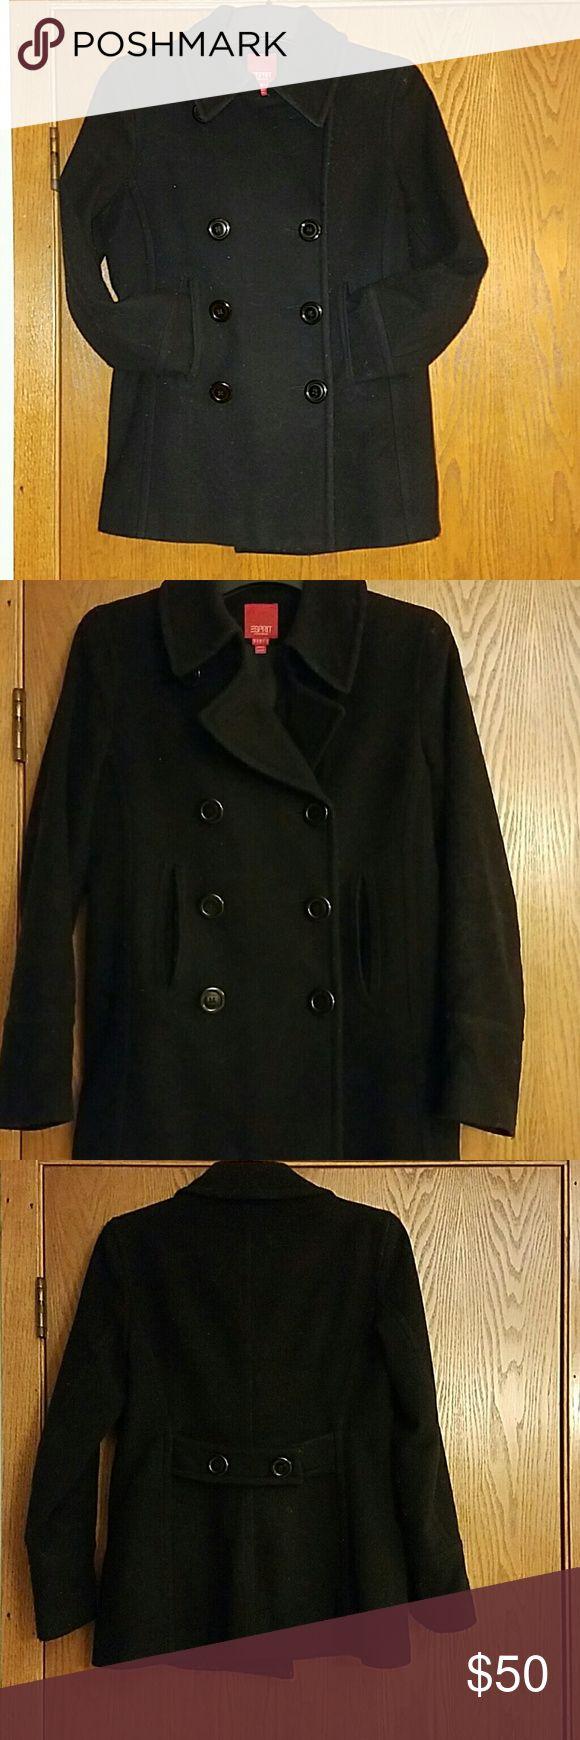 Classic Black Pea Coat Gently used. No flaws. Warm wool coat. Esprit Jackets & Coats Pea Coats